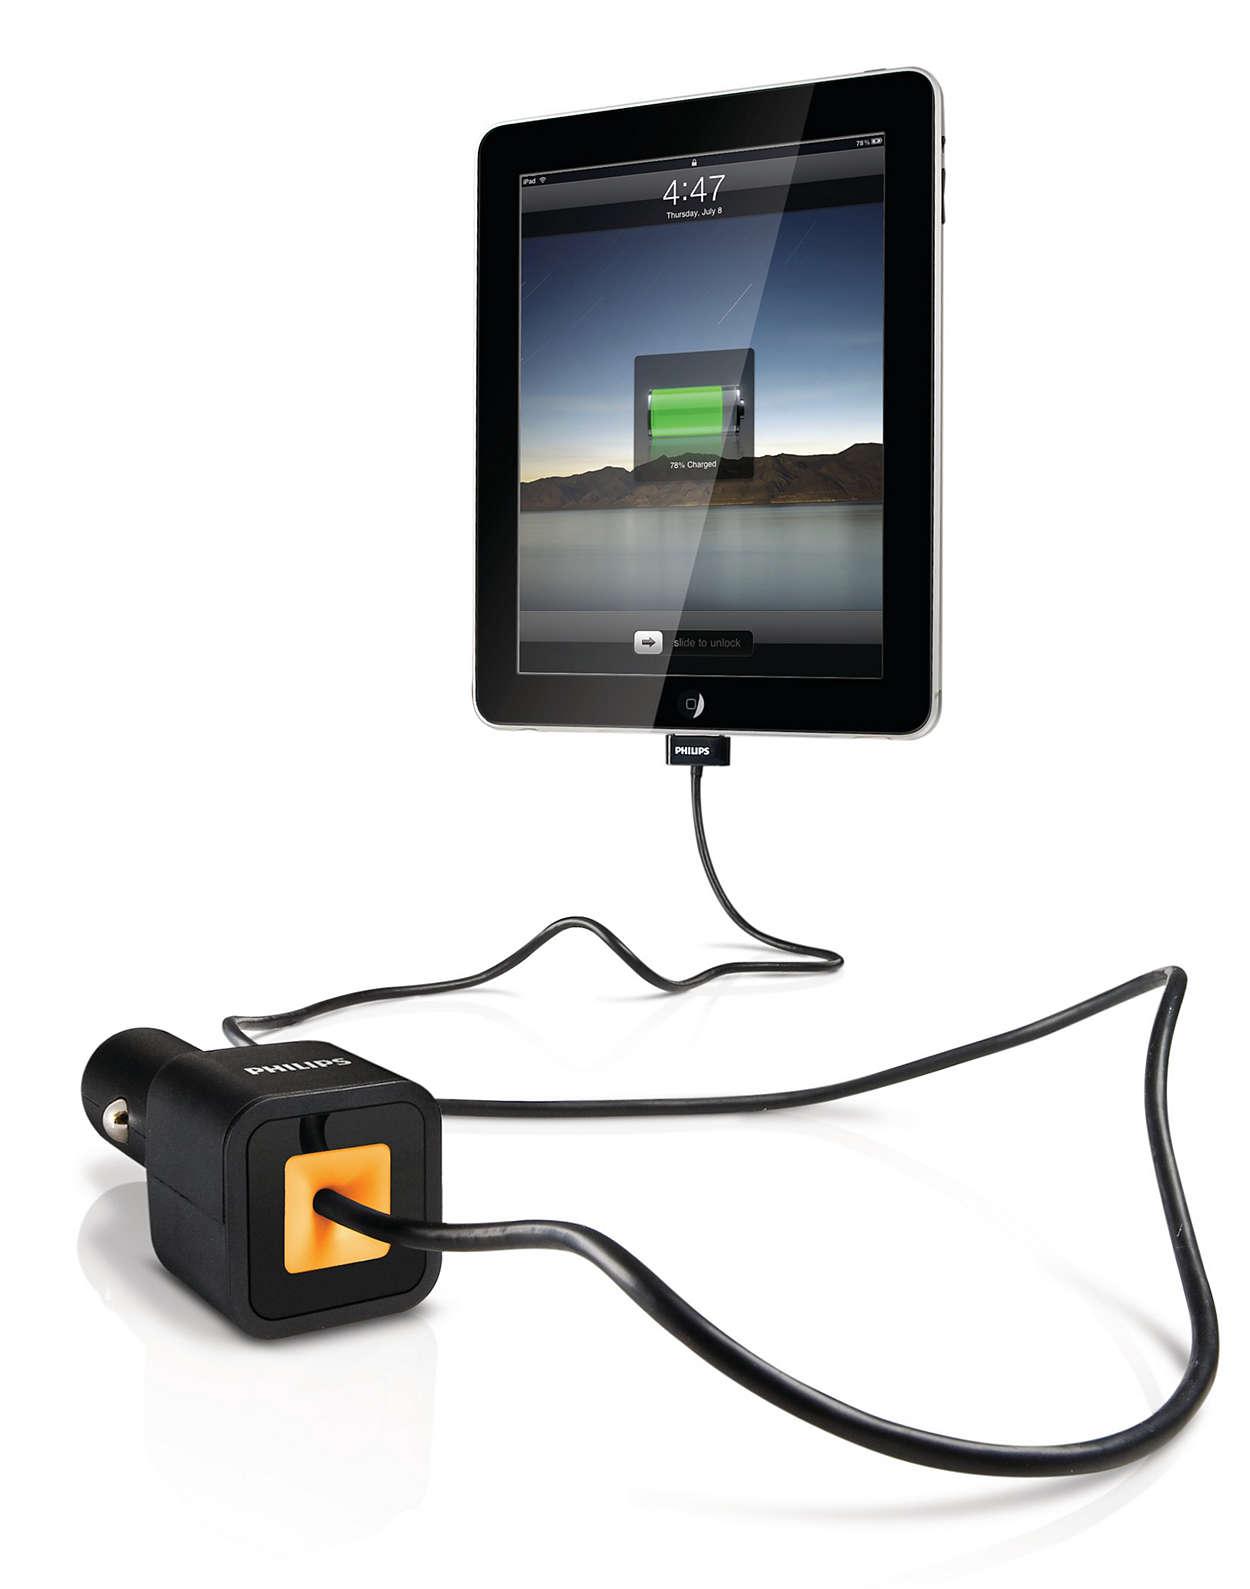 Зарядка iPad, iPhone или iPod в автомобиле